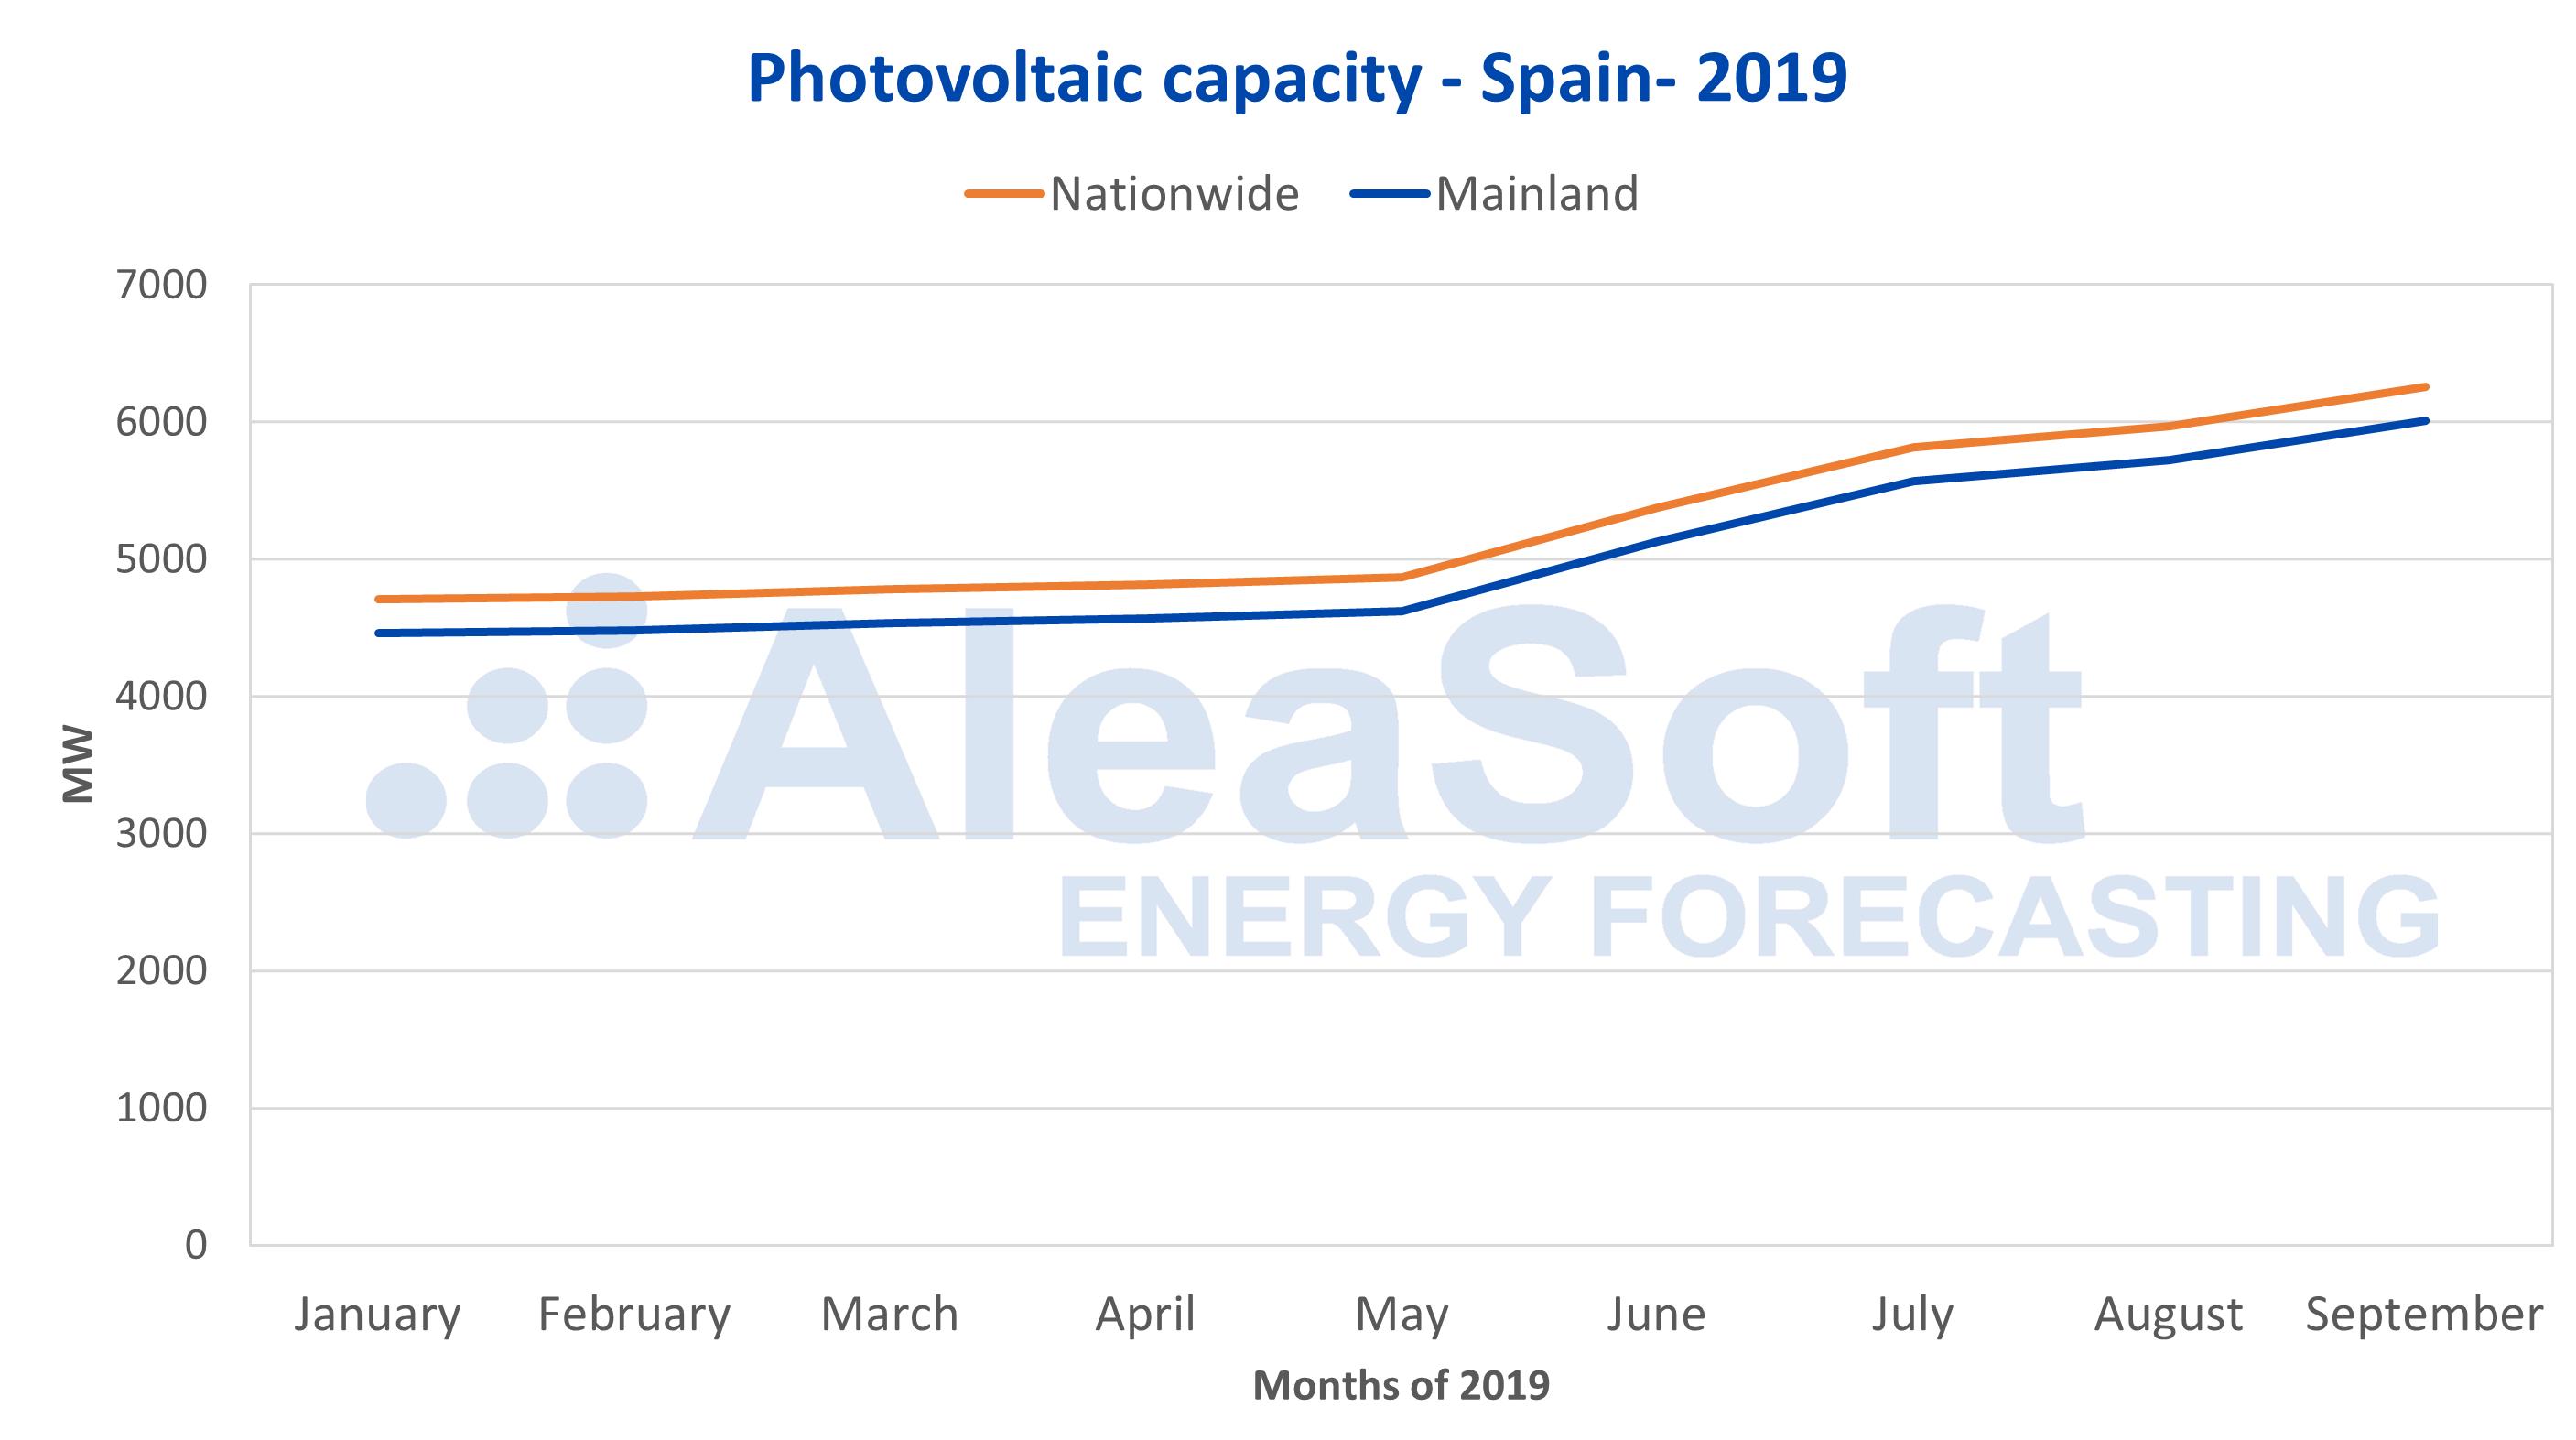 AleaSoft - Solar photovoltaic capacity Spain 2019